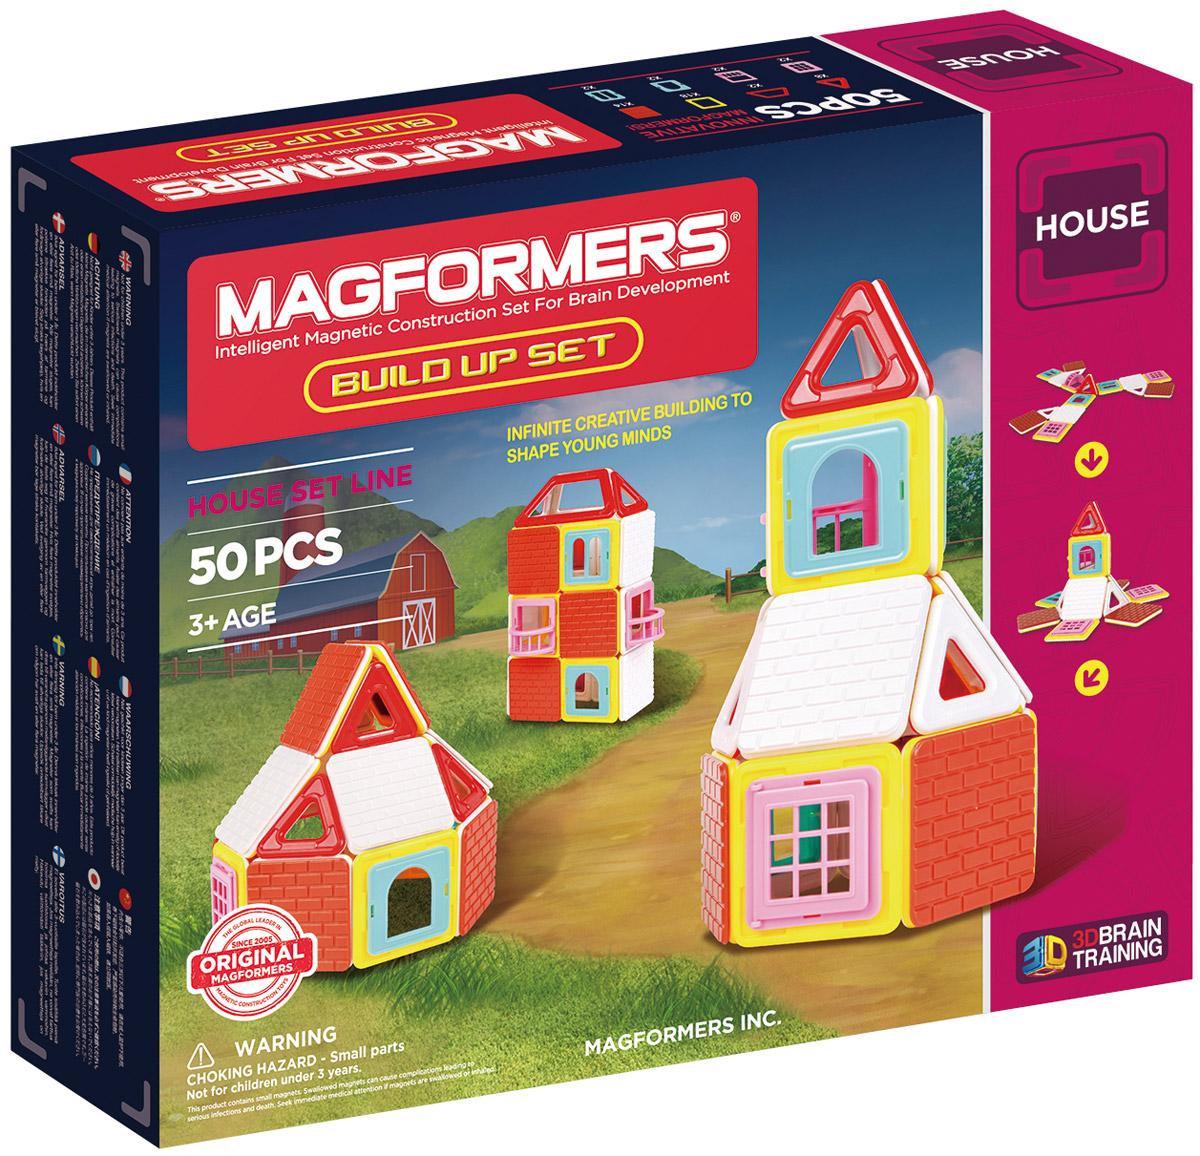 Magformers Магнитный конструктор Build Up Set705003Magformers Build Up Set — представитель серии строительных наборов Магформерс, куда входят также Magformers Village Set и Magformers Sweet House Set. Для наборов серии характерны уникальные строительные аксессуары и дизайн элементов из непрозрачного пластика. Набор Magformers Build Up порадует маленьких архитекторов. В нем представлены различные строительные аксессуары: крыши, стены, двери, окна. C этими элементами легко построить надежный и уютный дом. В набор также входит Книга идей. С ней Вы легко соберете чудесный замок. Нужно всего лишь разложить детали Магформерс как показано на иллюстрации, потянуть верх — и замок перед Вами! Все элементы набора, включая строительные аксессуары, полностью совместимы со всеми остальными конструкторами Магформерс, так что вы можете воспользоваться уже имеющимися у вас деталями в качестве дополнительных строительных элементов. Набор Magformers Build Up содержит 50 элементов: треугольник: 8 шт. квадрат: 18 шт....